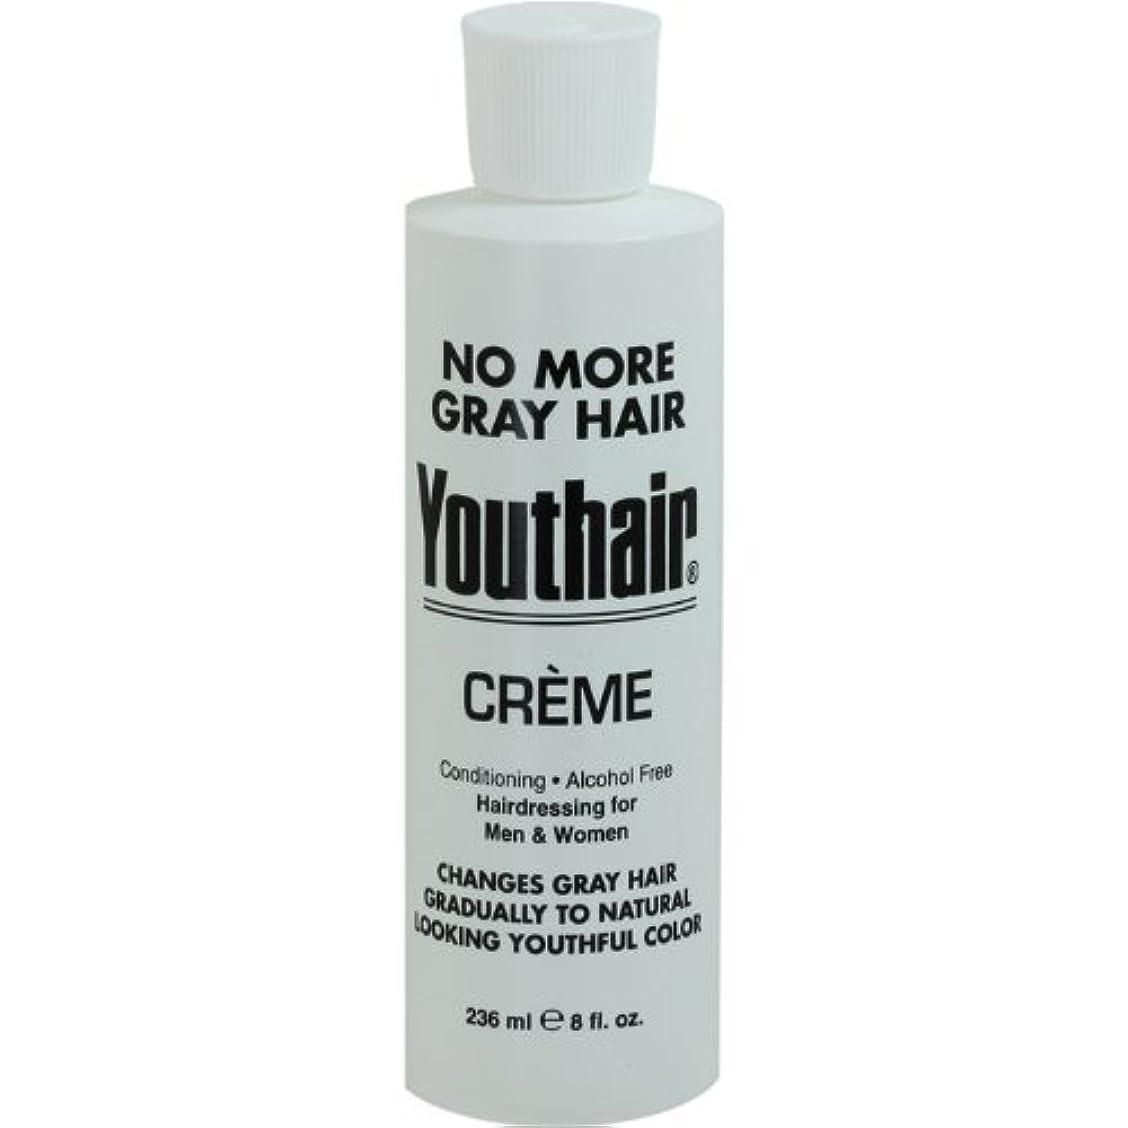 厚さ酔った偏見Youthair Creme, Round Bottle, 8 Ounce by Youthair